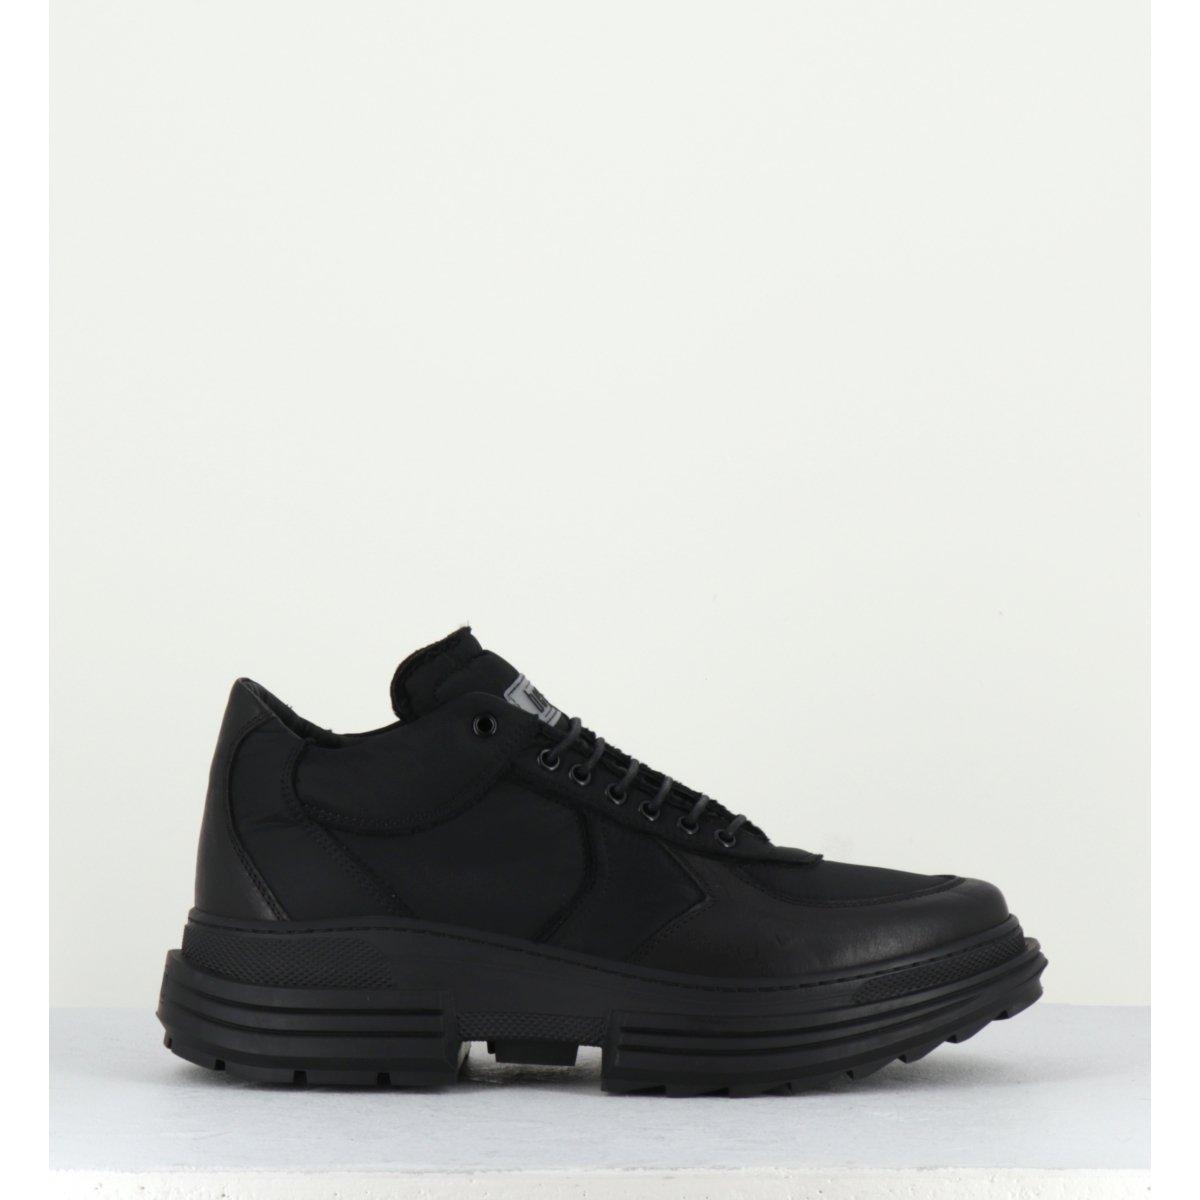 Baskets en cuir et toile noir Beyond shoes pour hommes - BASTIN